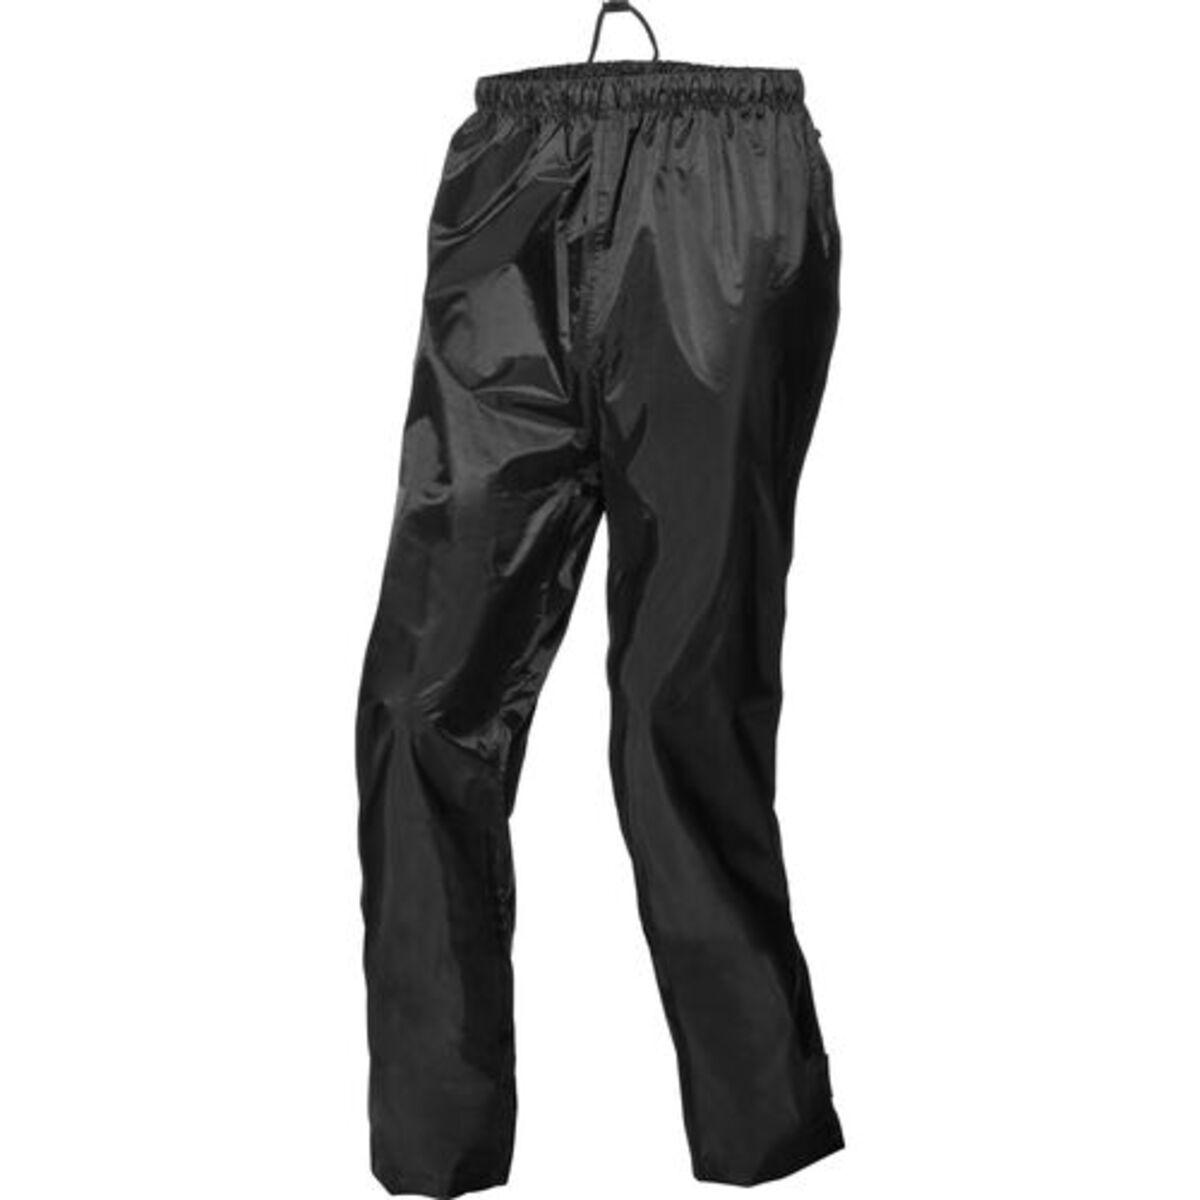 Bild 2 von DXR            Textil Regenhose 1.0 schwarz